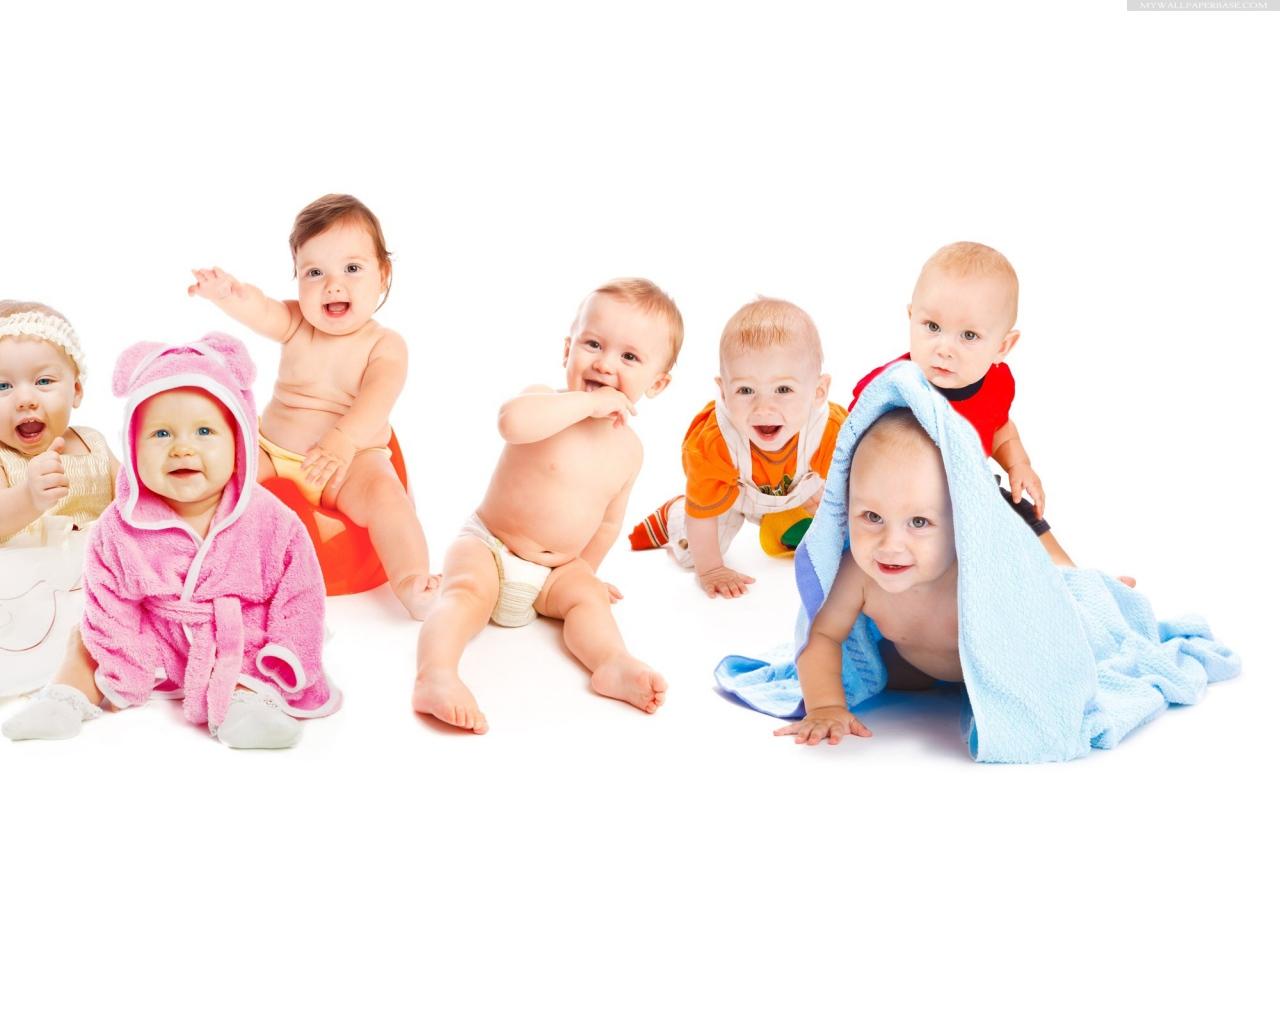 children_many_happy_kids_63333_1280x1024